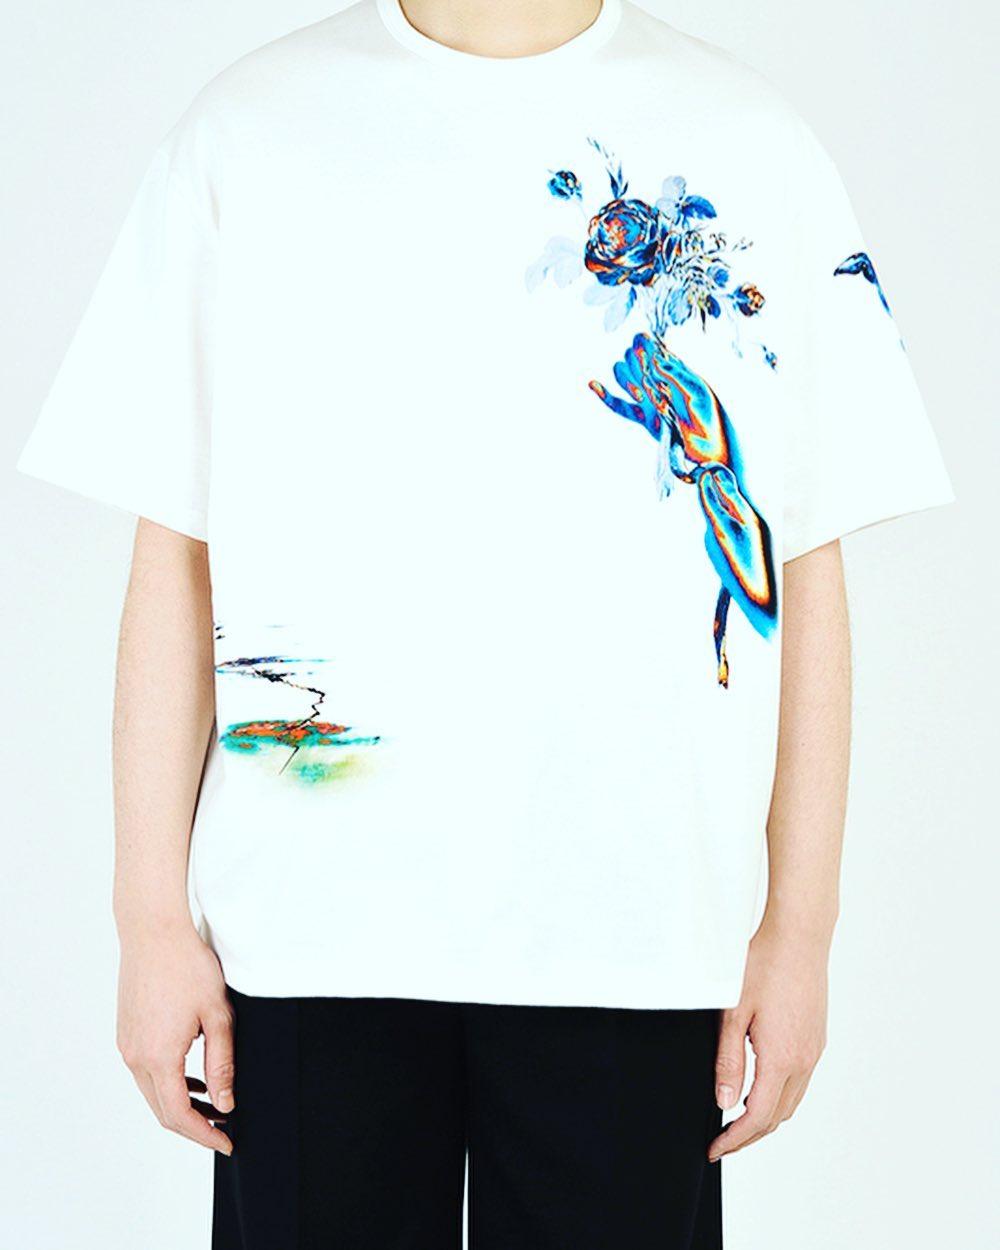 [新作紹介] LAD MUSICIAN ラッドミュージシャン BIG T-SHIRT ビッグTシャツ ホワイト 2121-715LAD MUSICIAN の商品はALLEY OnlineShopにてご購入頂けます。ALLEY Online Shopは、プロフィールのリンクからご覧頂けます。お問い合わせもございましたら、サイトからお気軽にご連絡ください。会員ポイント3%還元初回特典1100ポイント#ladmusician #ラッドミュージシャン #alleyonlineshop #alleycompany #mensfashion #メンズファッション #streetfashion #ストリートファッション #selectshop #セレクトショップ #mensselectshop #メンズセレクトショップ #mood #instafashion #fashiongram #正規取扱店 #ファッション通販 #通販サイト #ネットショップ #栃木 #宇都宮 #tシャツ #bigtee #tshirt